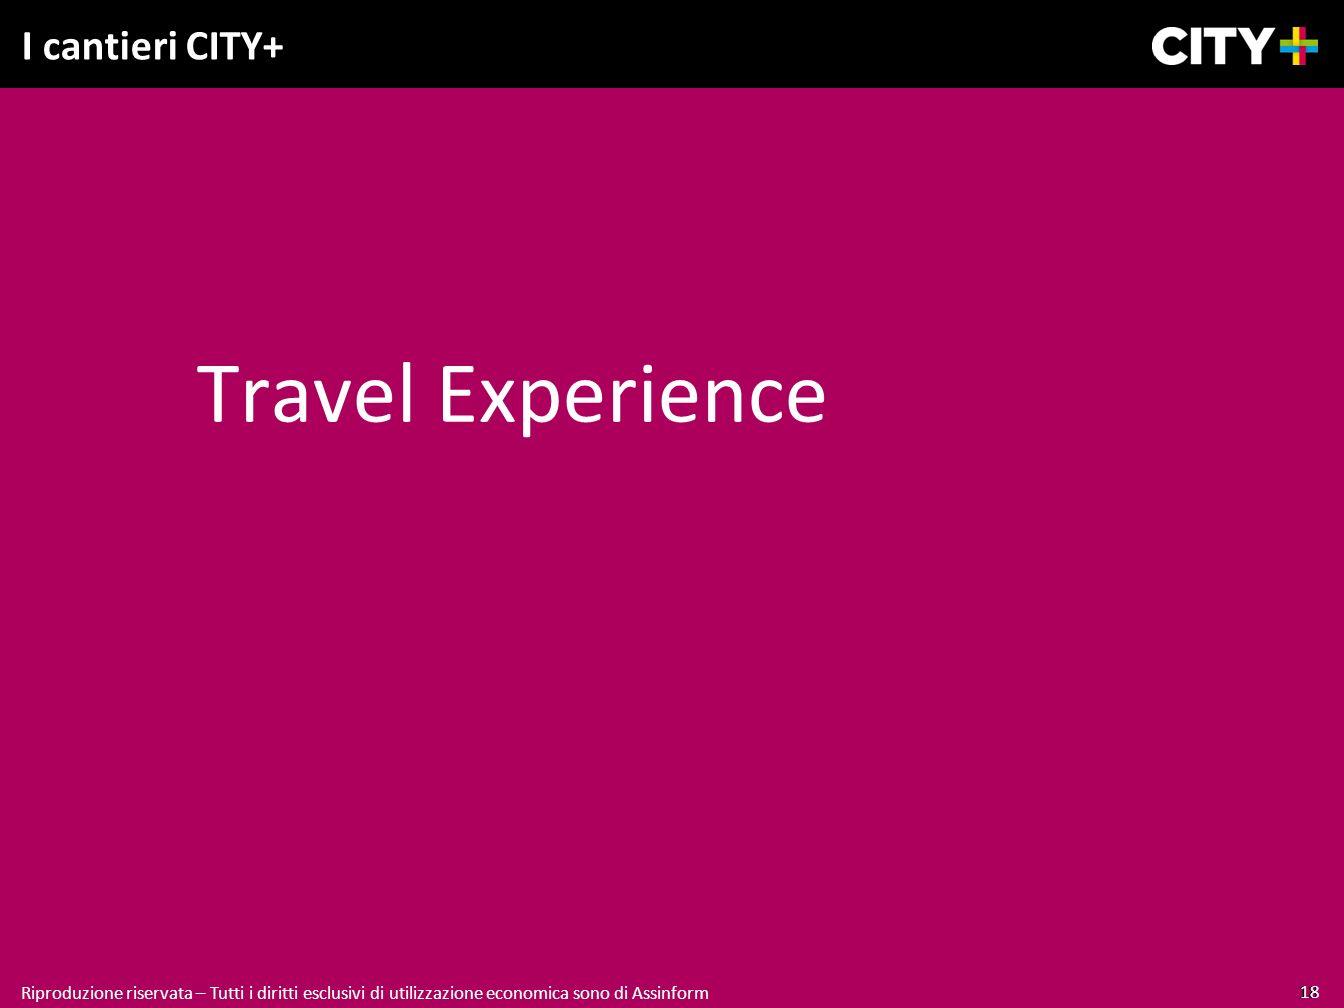 18 Riproduzione riservata – Tutti i diritti esclusivi di utilizzazione economica sono di Assinform I cantieri CITY+ Travel Experience 18 Riproduzione